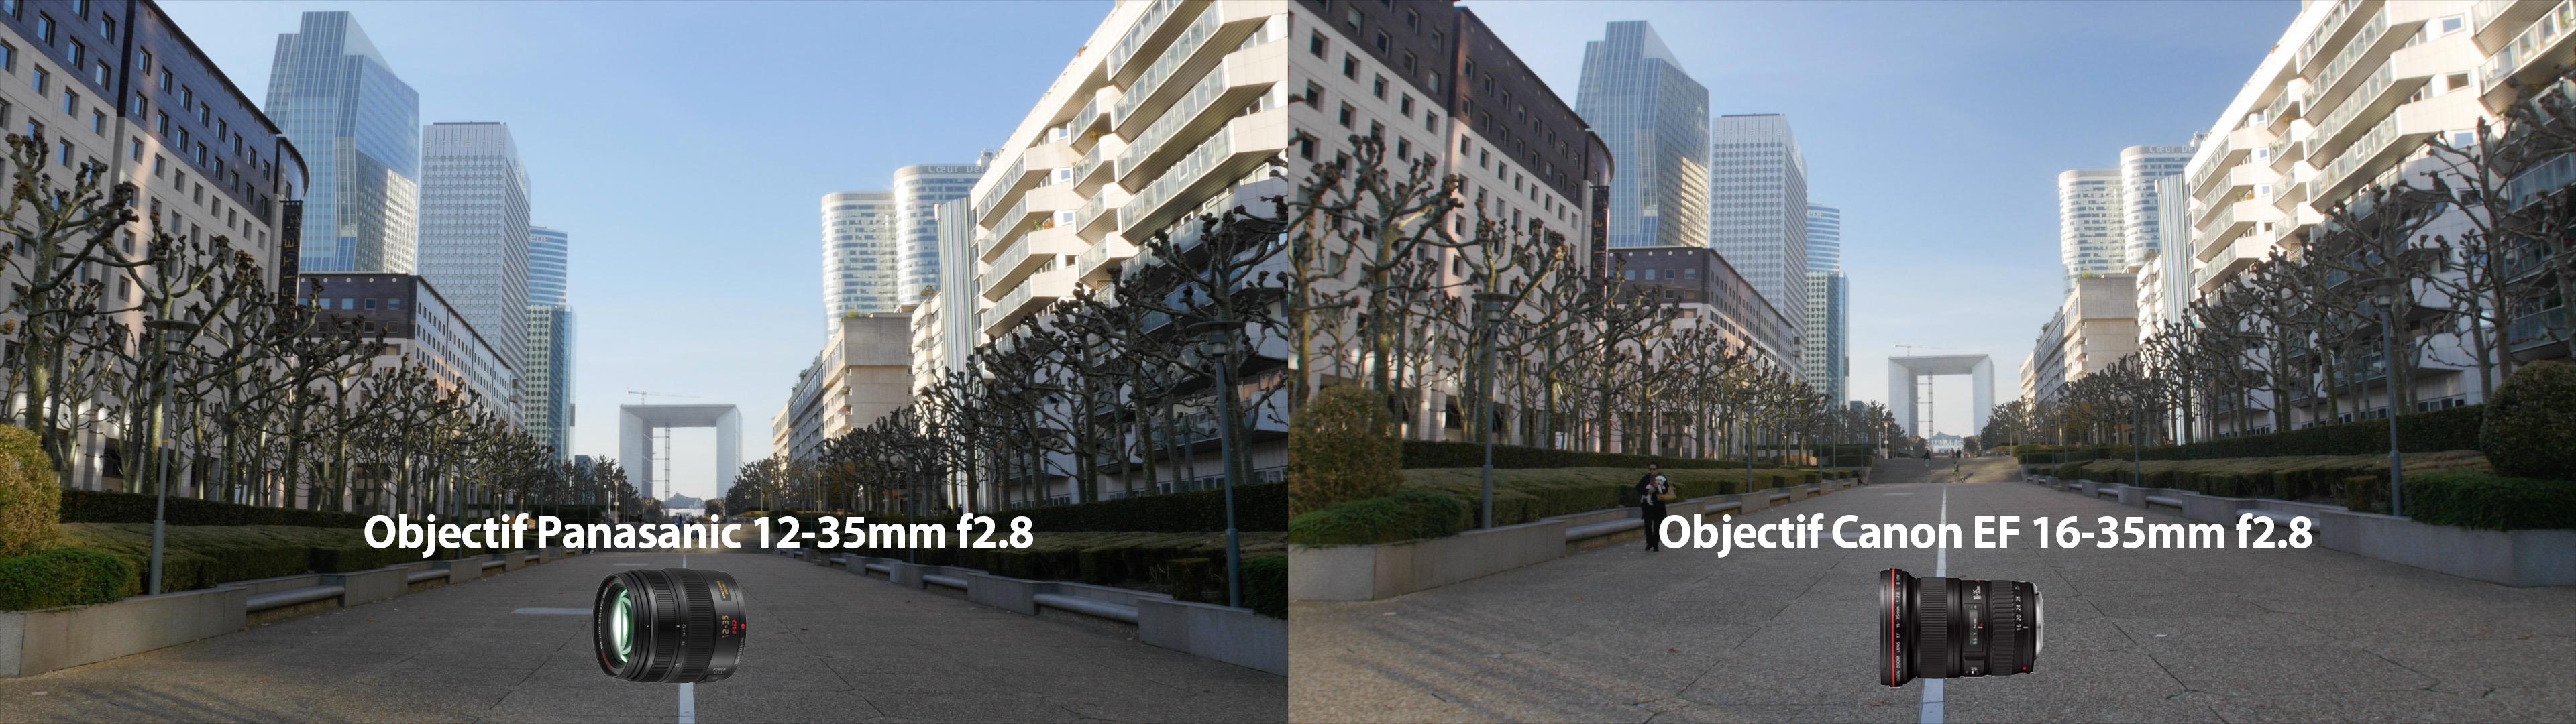 Comparaison entre le Panasonic et le Canon EF avec Speed Booster XL 0.64x